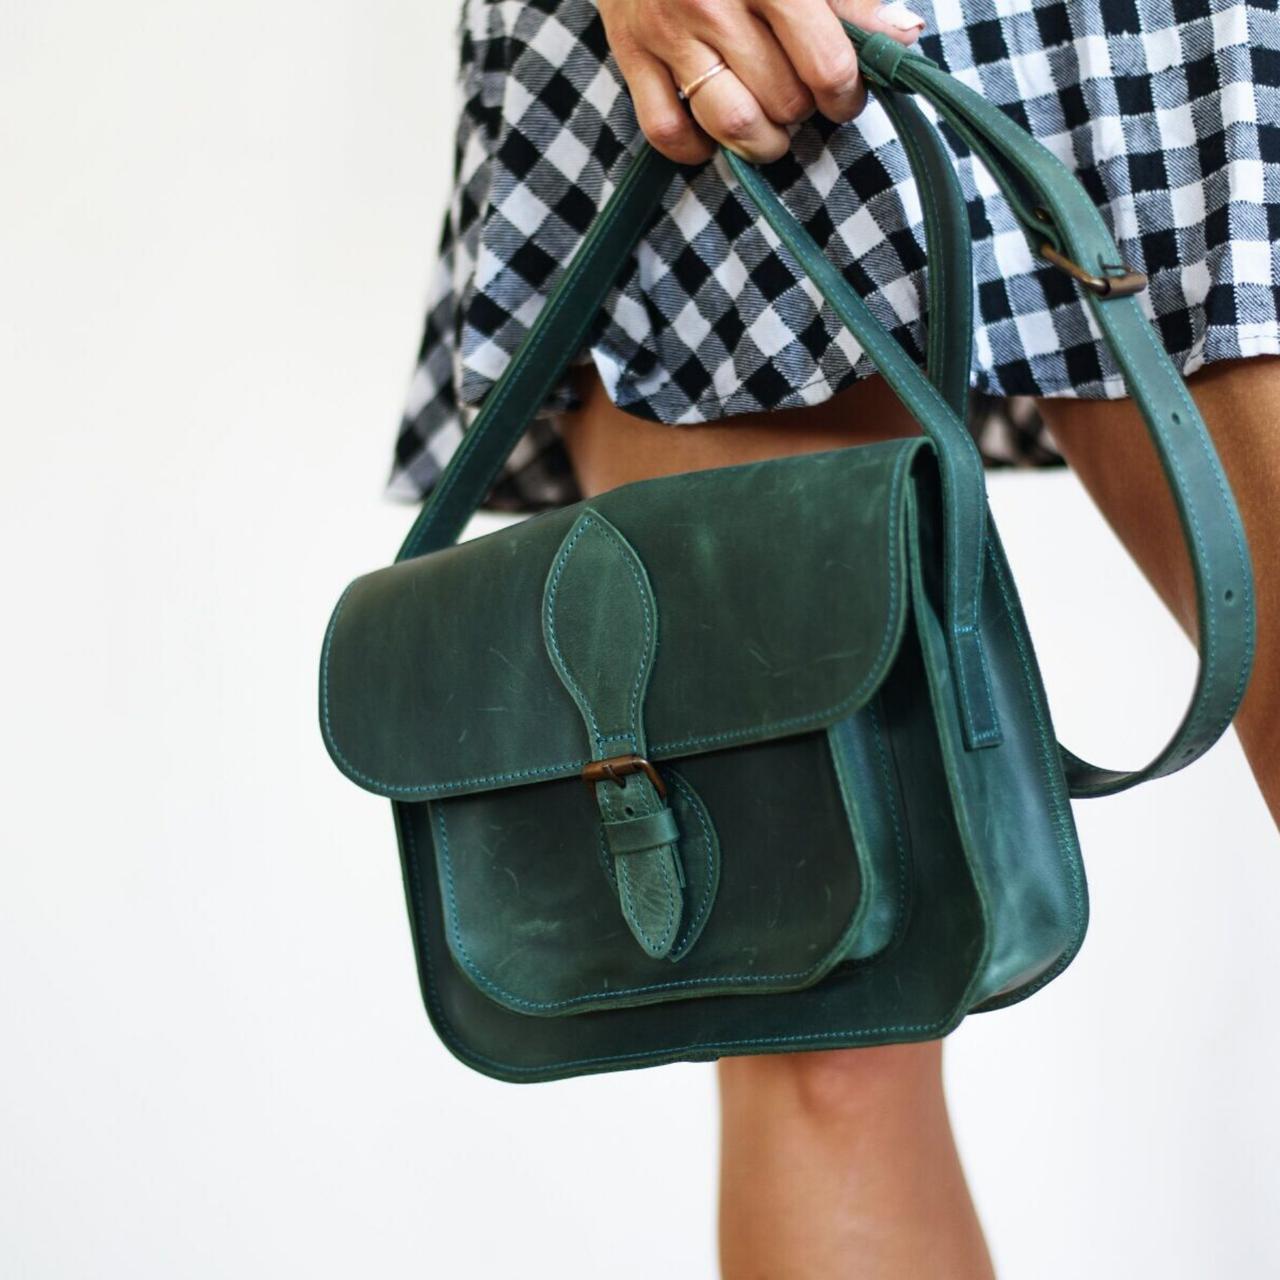 Женская кожаная сумка зеленого цвета. Женская сумка ручной работы. Женская кожаная сумка. Жіноча кожана сумка